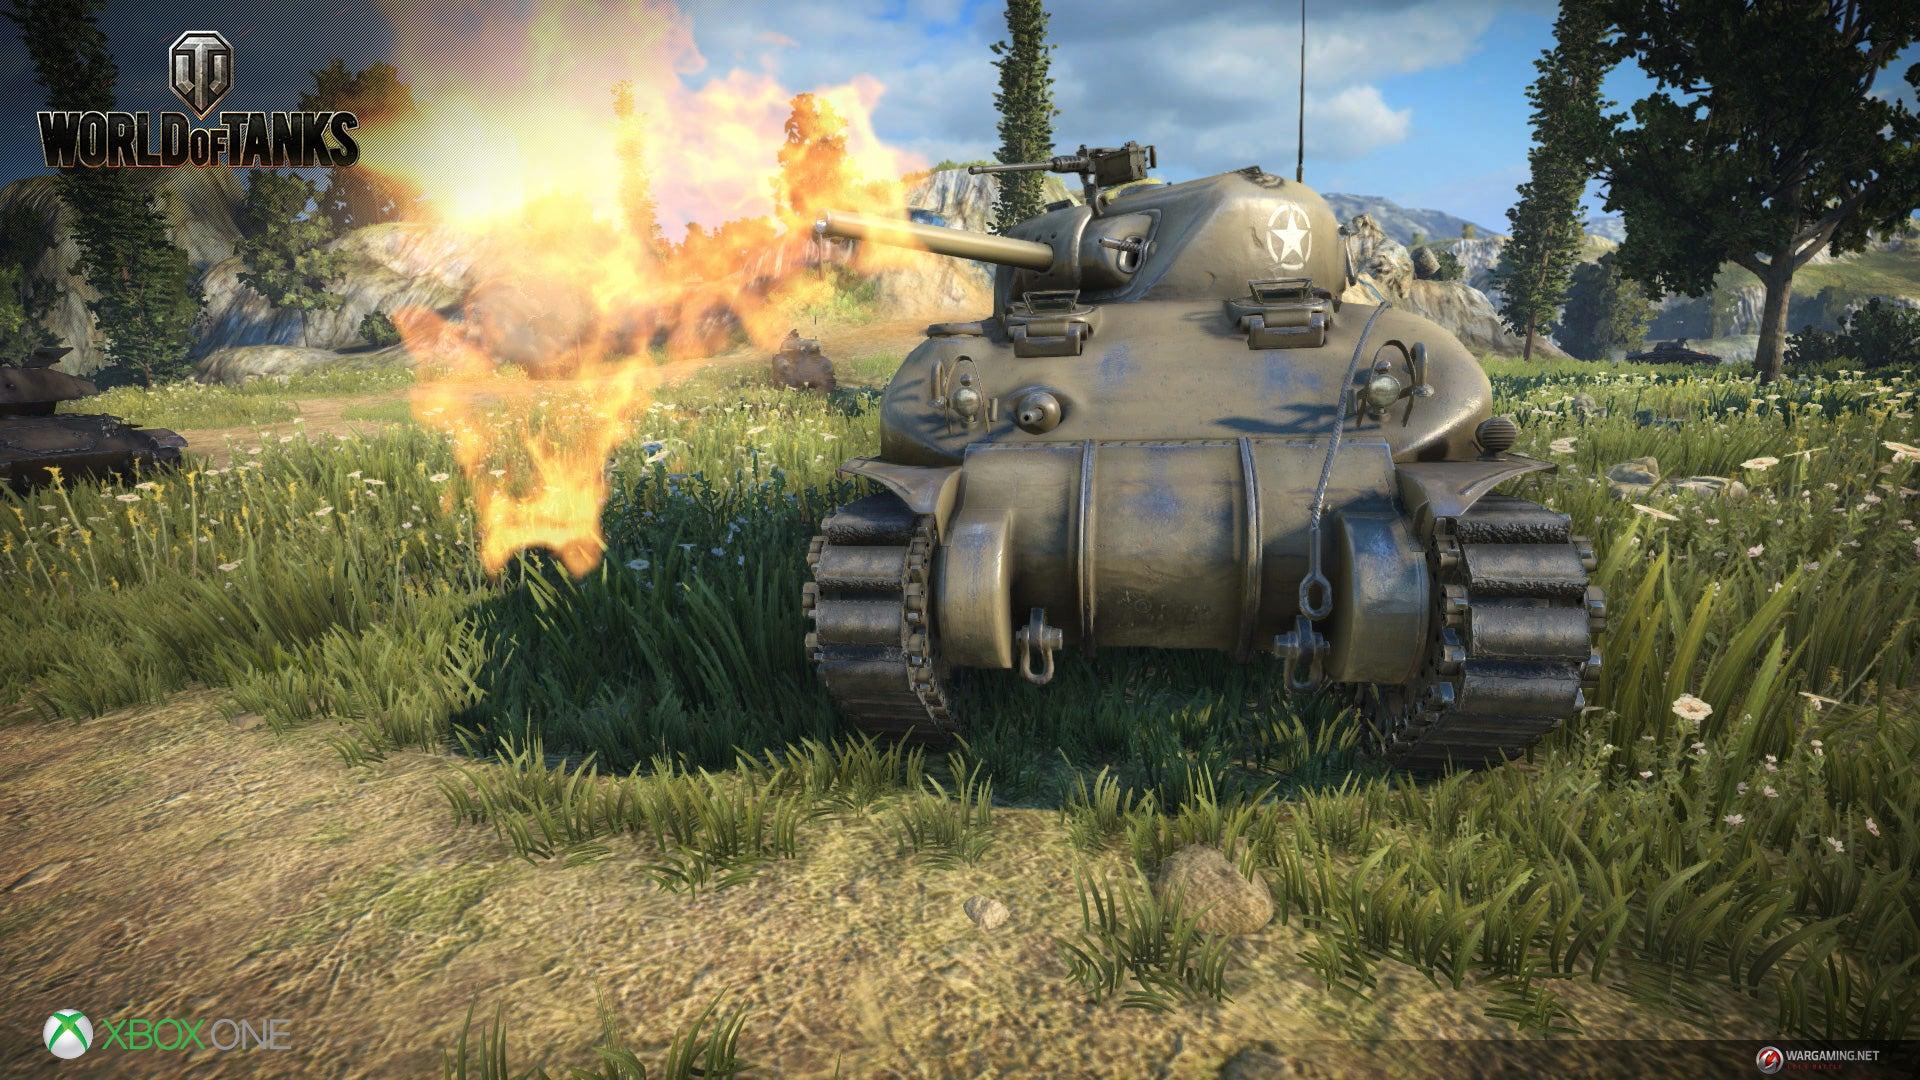 Image for Prominent World of Tanks streamer Poshybrid dies after lengthy stream